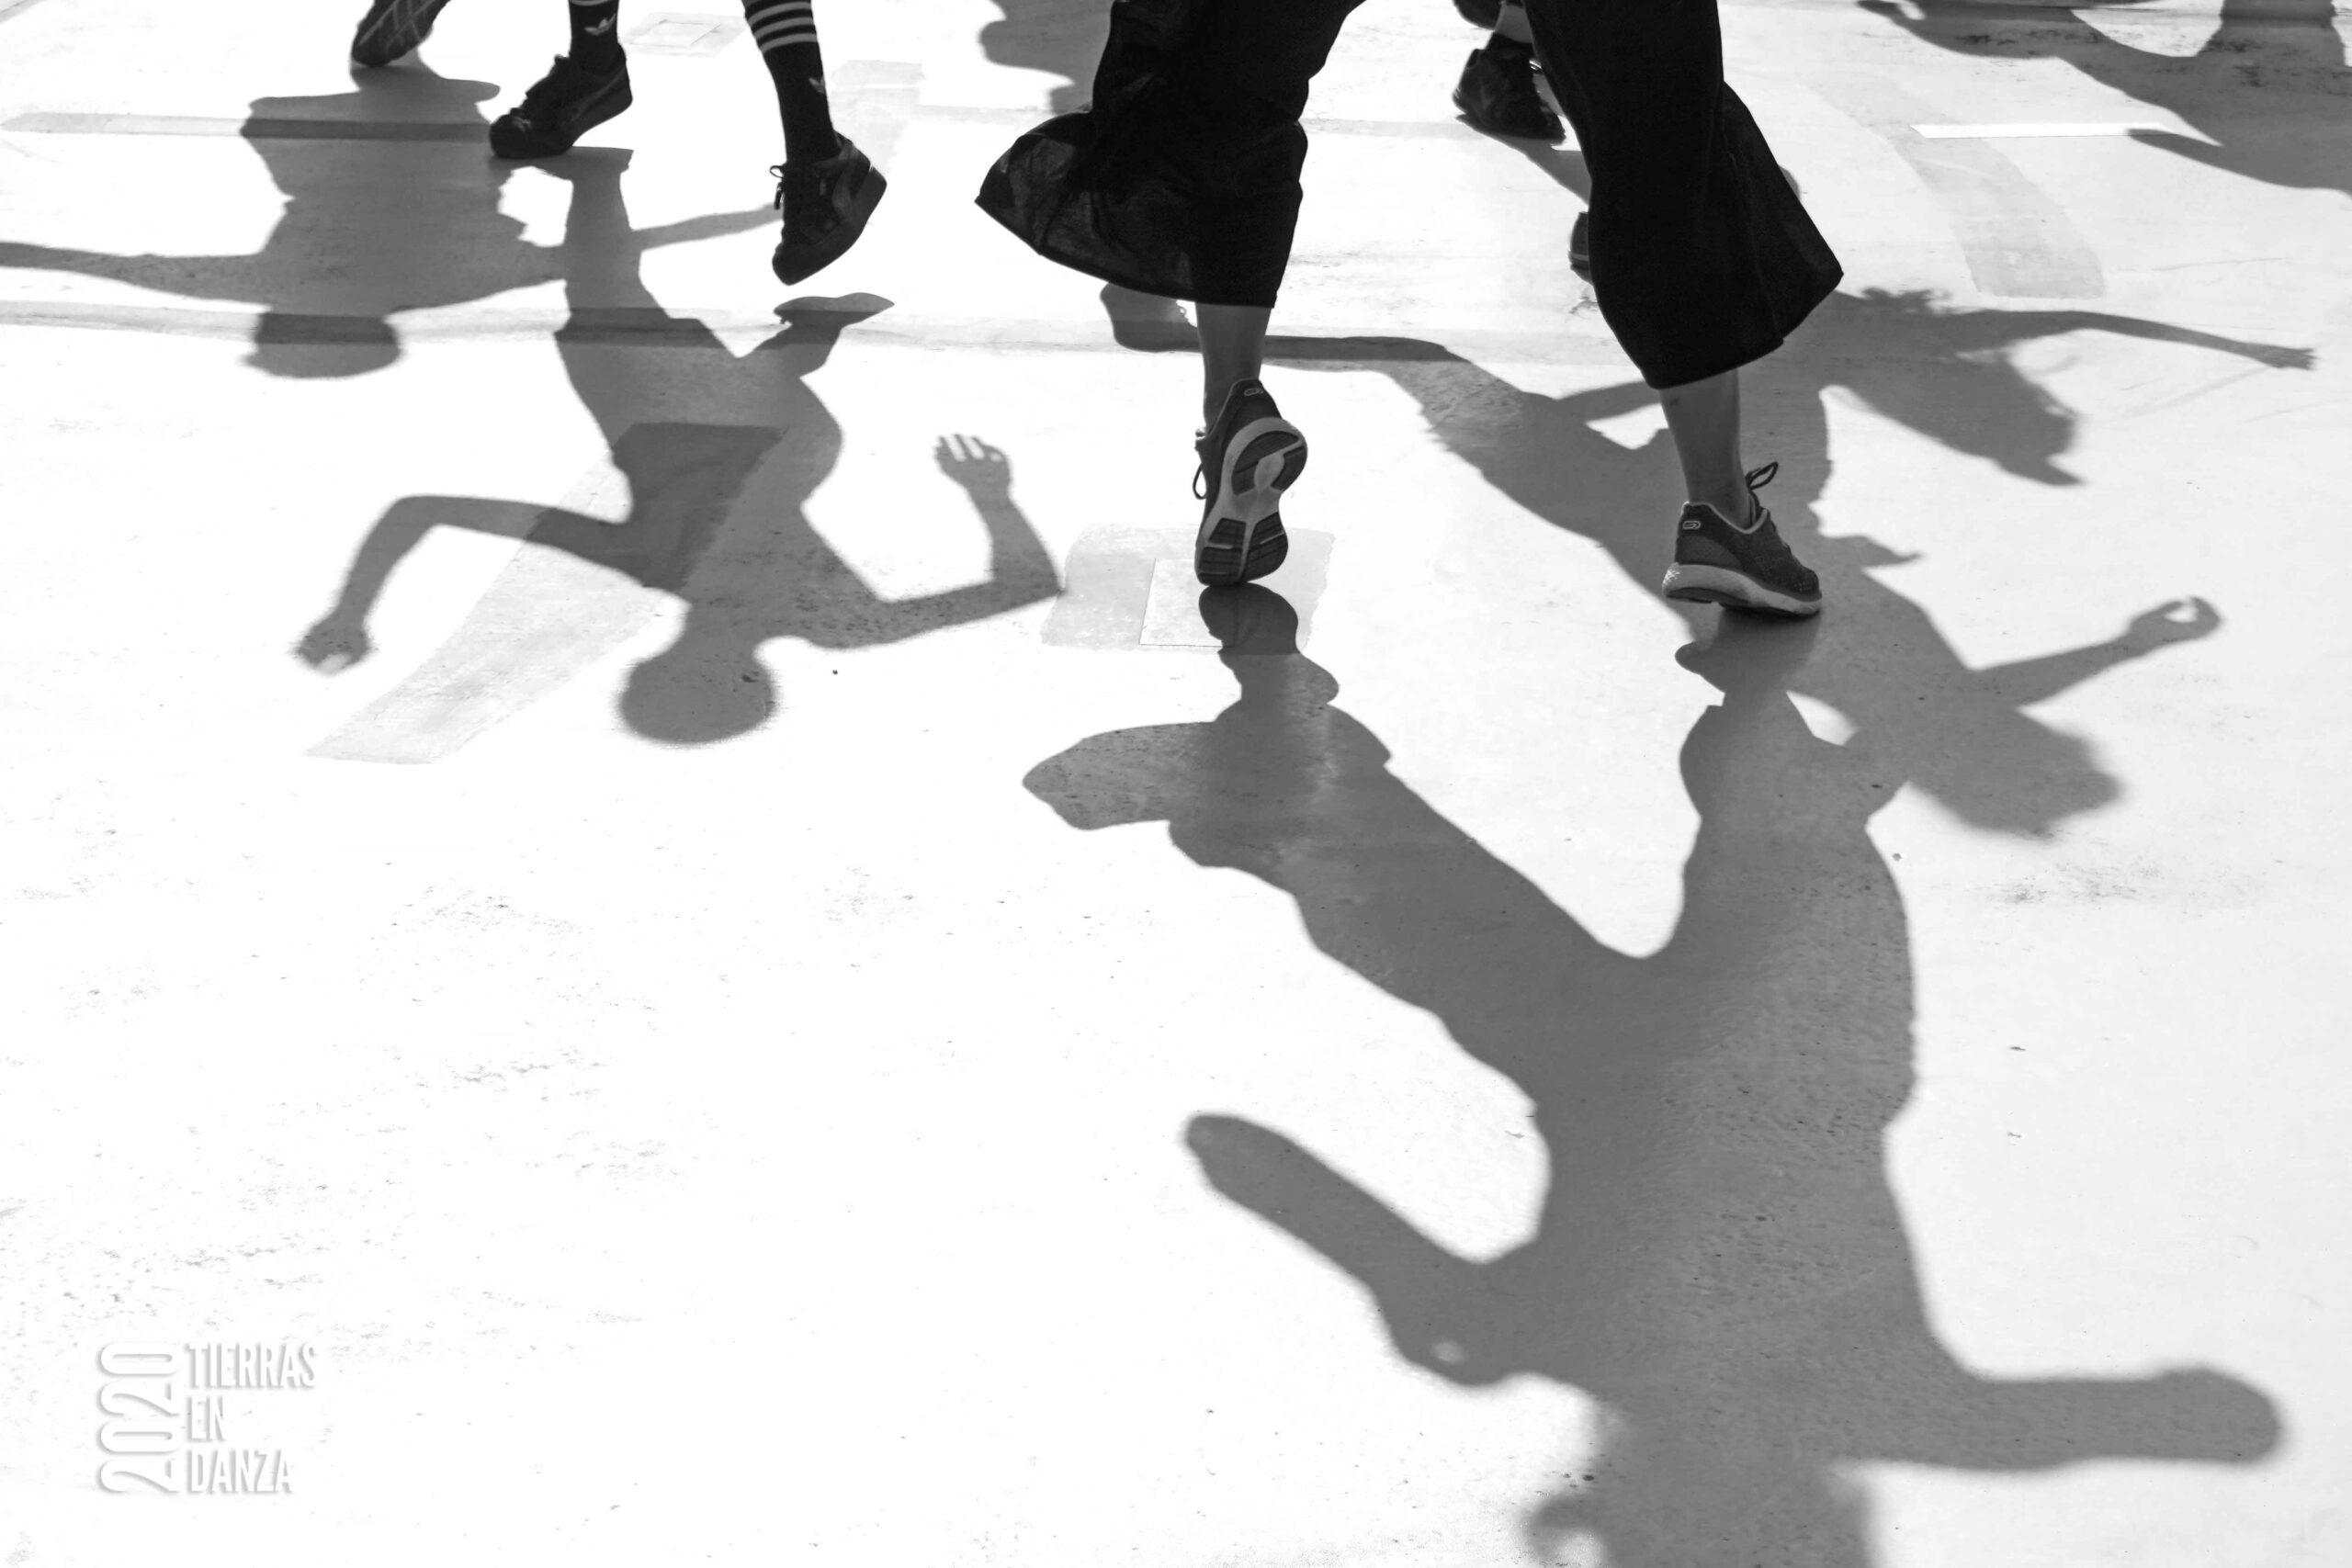 Clase_Luis_Agorreta_Tierras_en_danza_2020